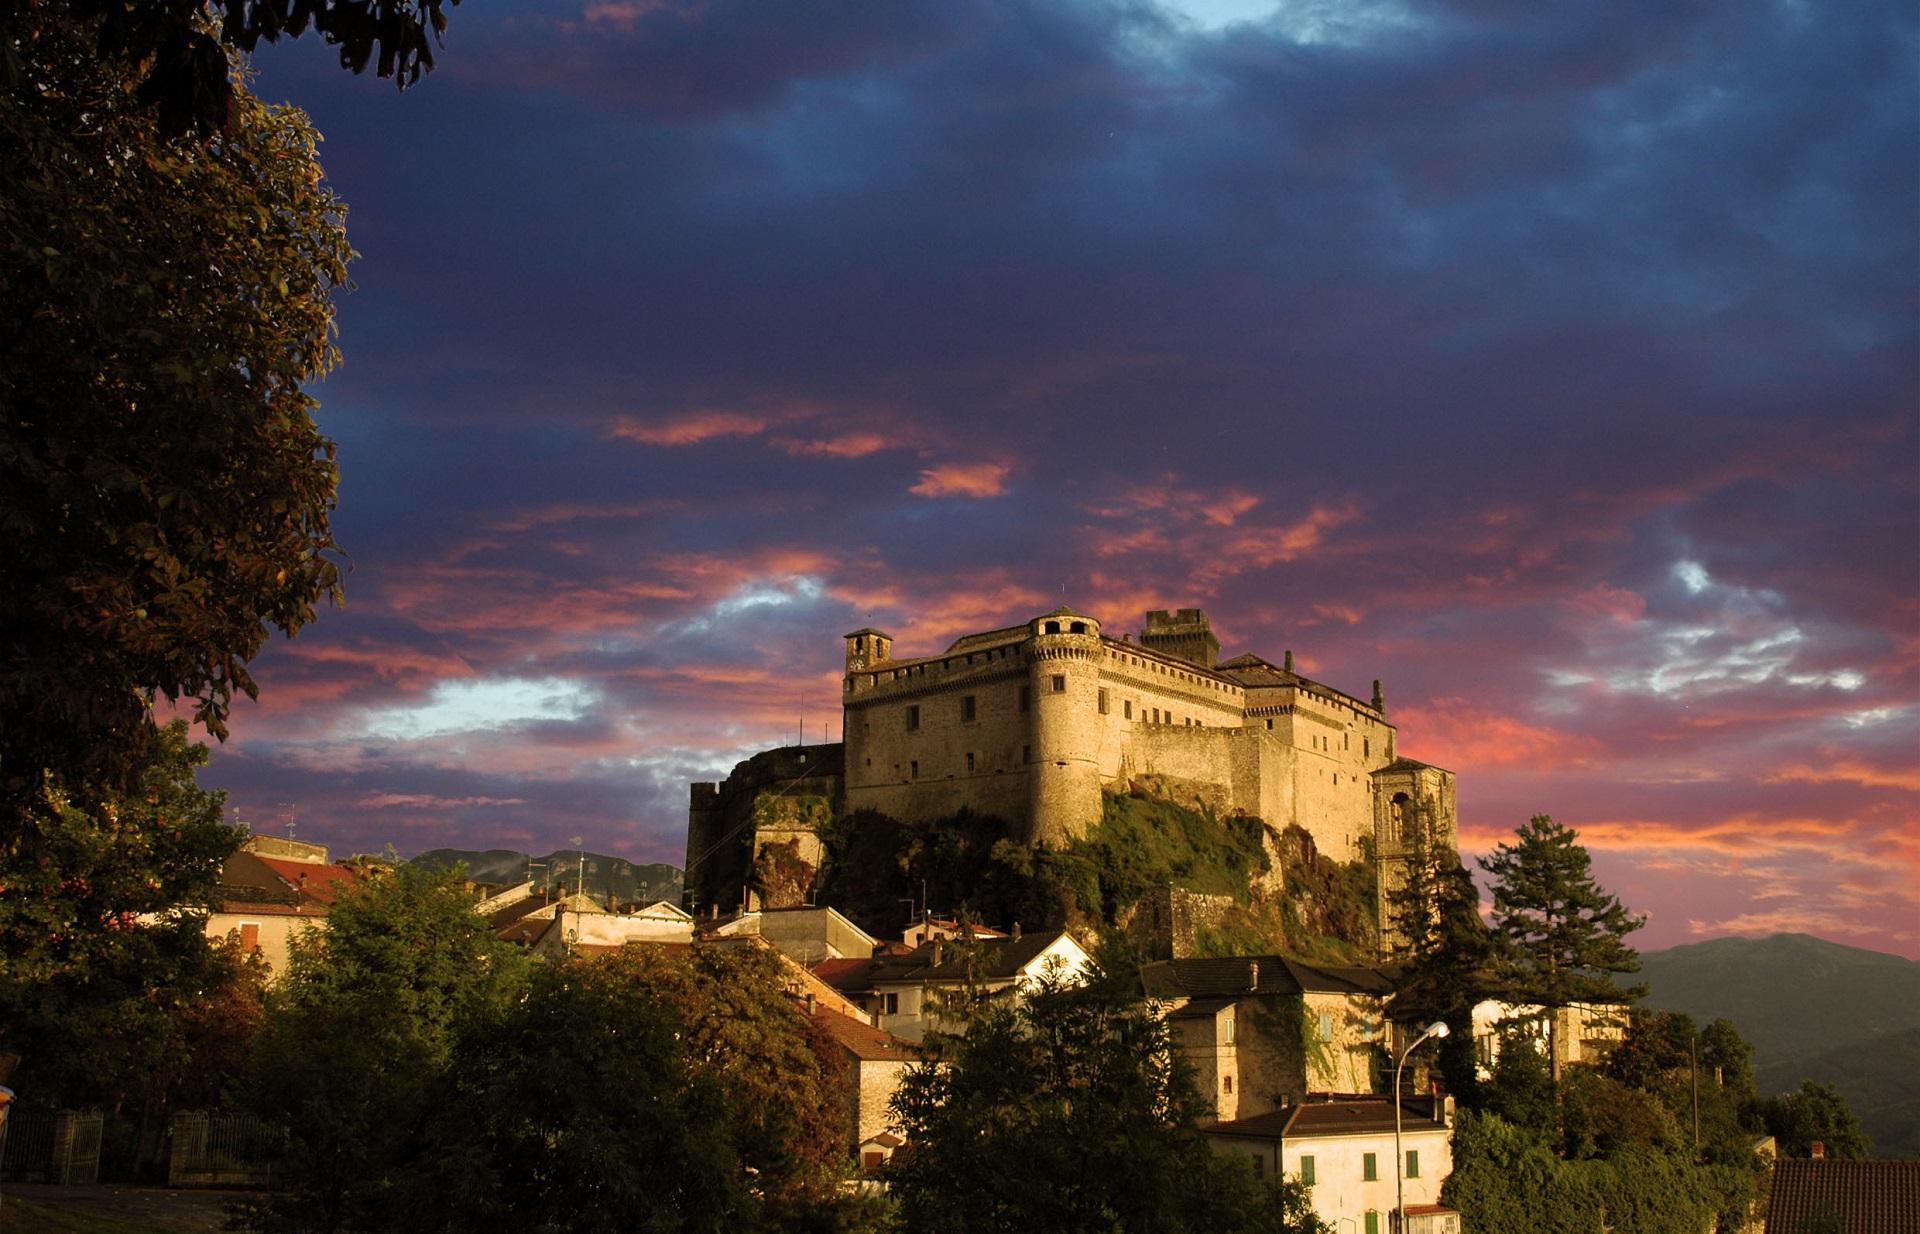 Castelli di Parma - Bardi